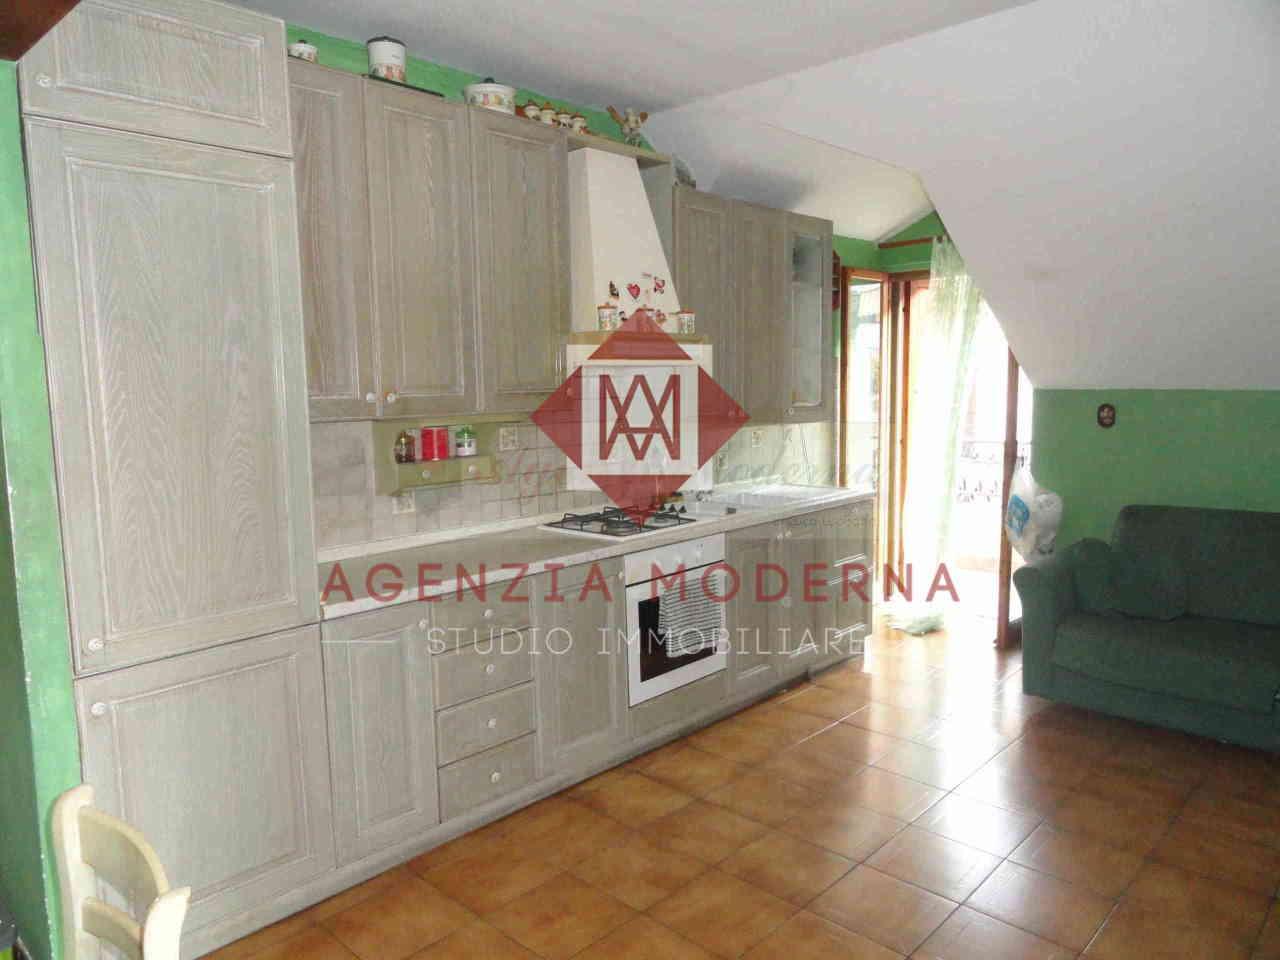 Appartamento in vendita a Ventimiglia, 3 locali, prezzo € 120.000 | PortaleAgenzieImmobiliari.it